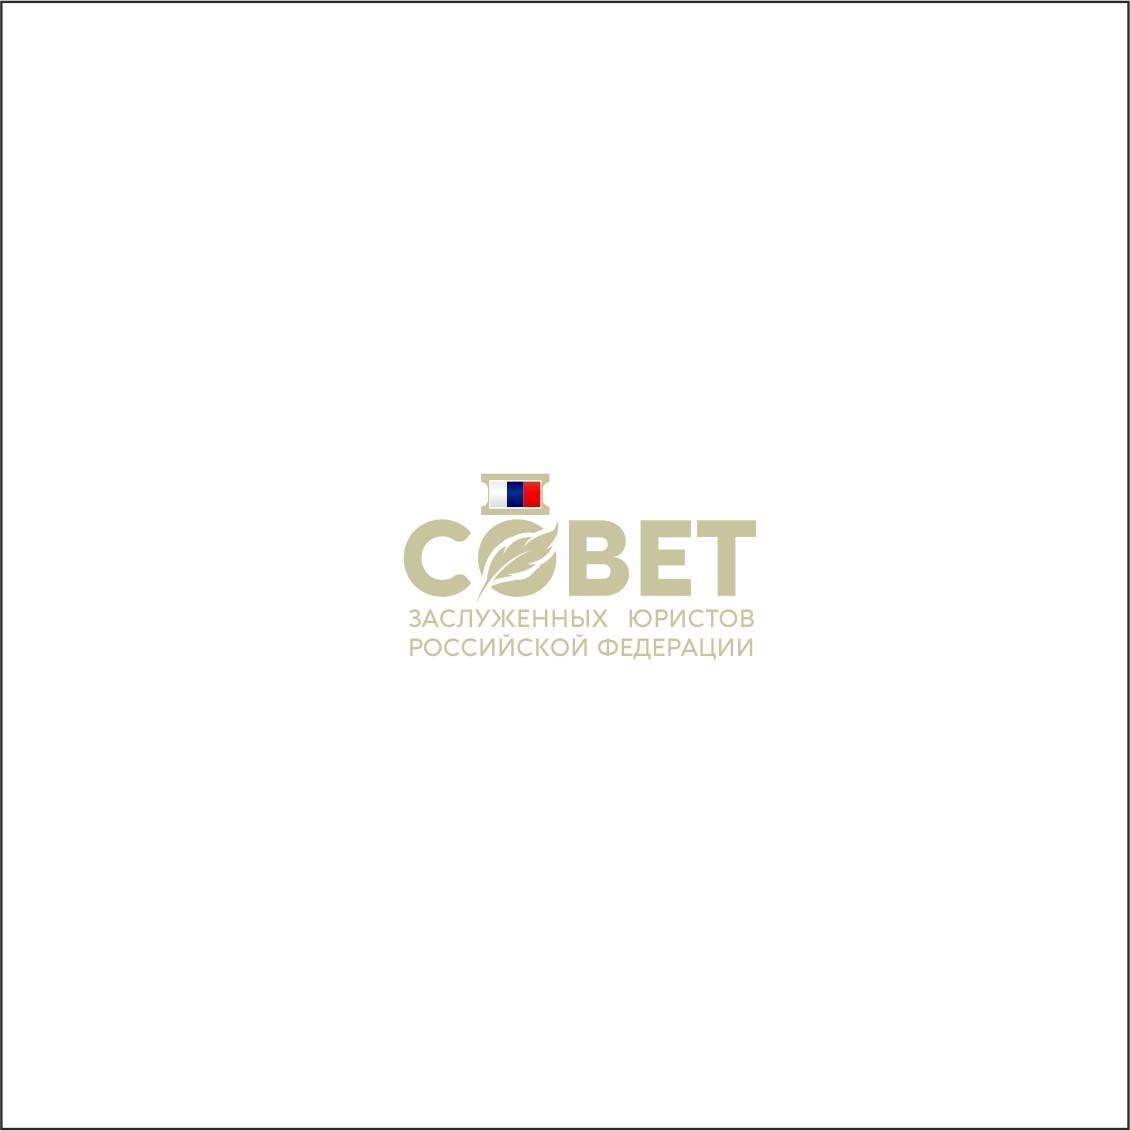 Разработка логотипа Совета (Клуба) заслуженных юристов Российской Федерации фото f_9655e3d718c39ba1.jpg